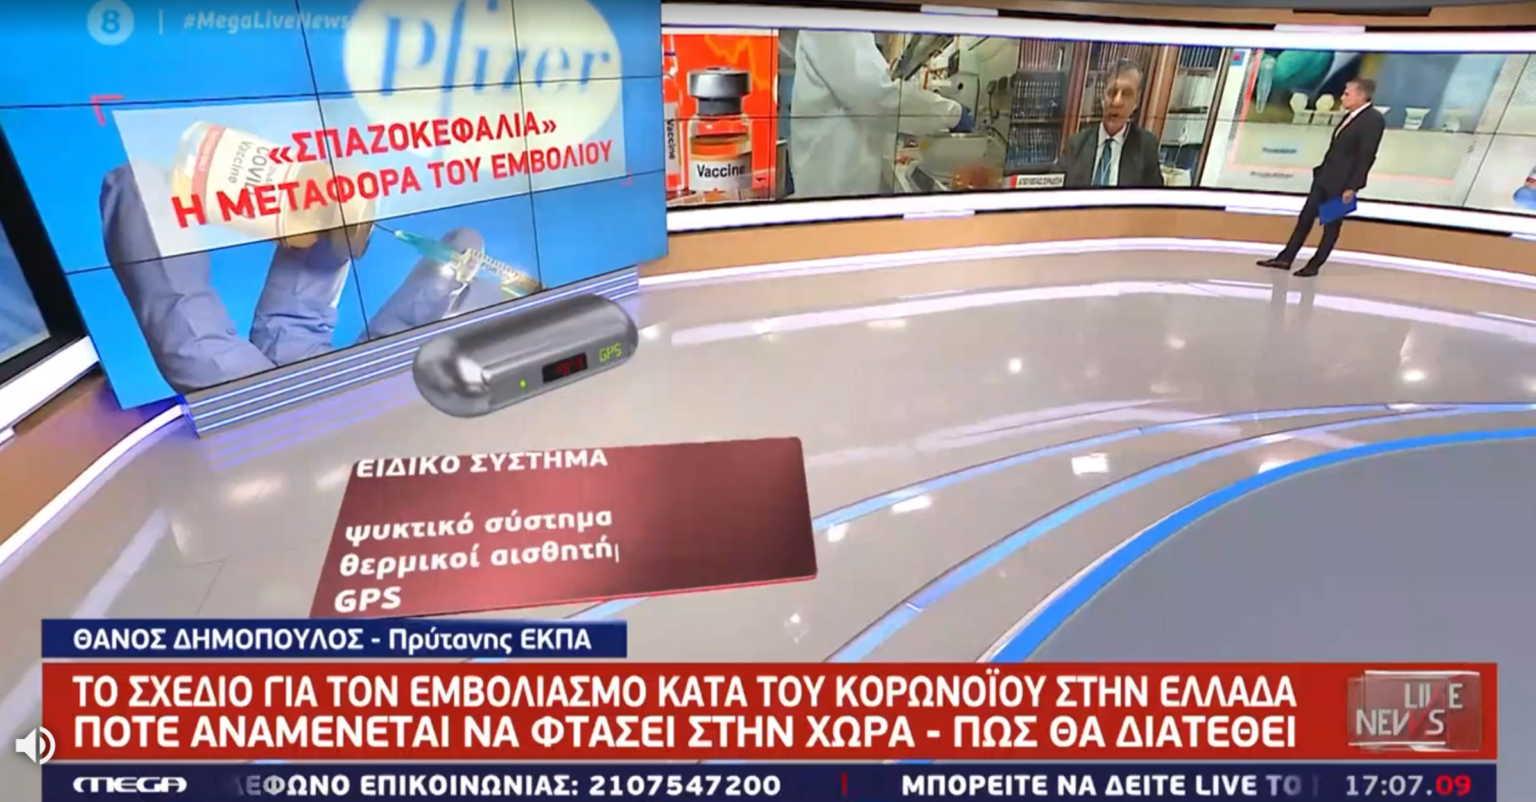 Δημόπουλος στο Live News: Οι πρώτες αναλύσεις για το εμβόλιο – Τρομακτική αύξηση των κρουσμάτων (video)